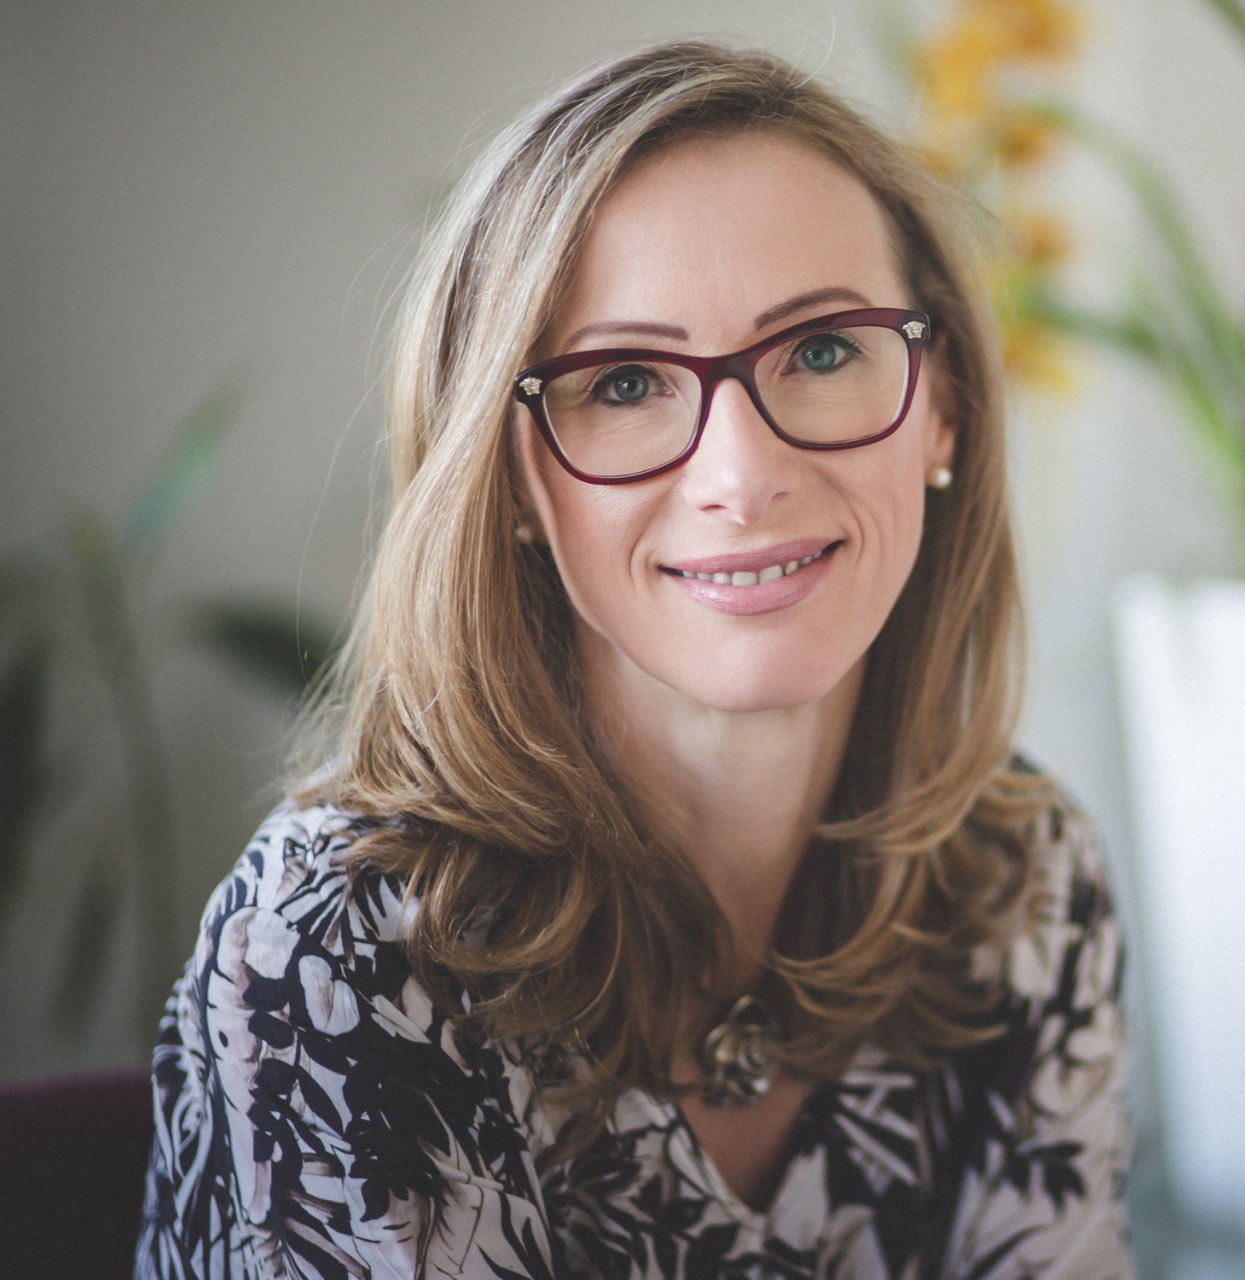 Ana Paula Schmitz